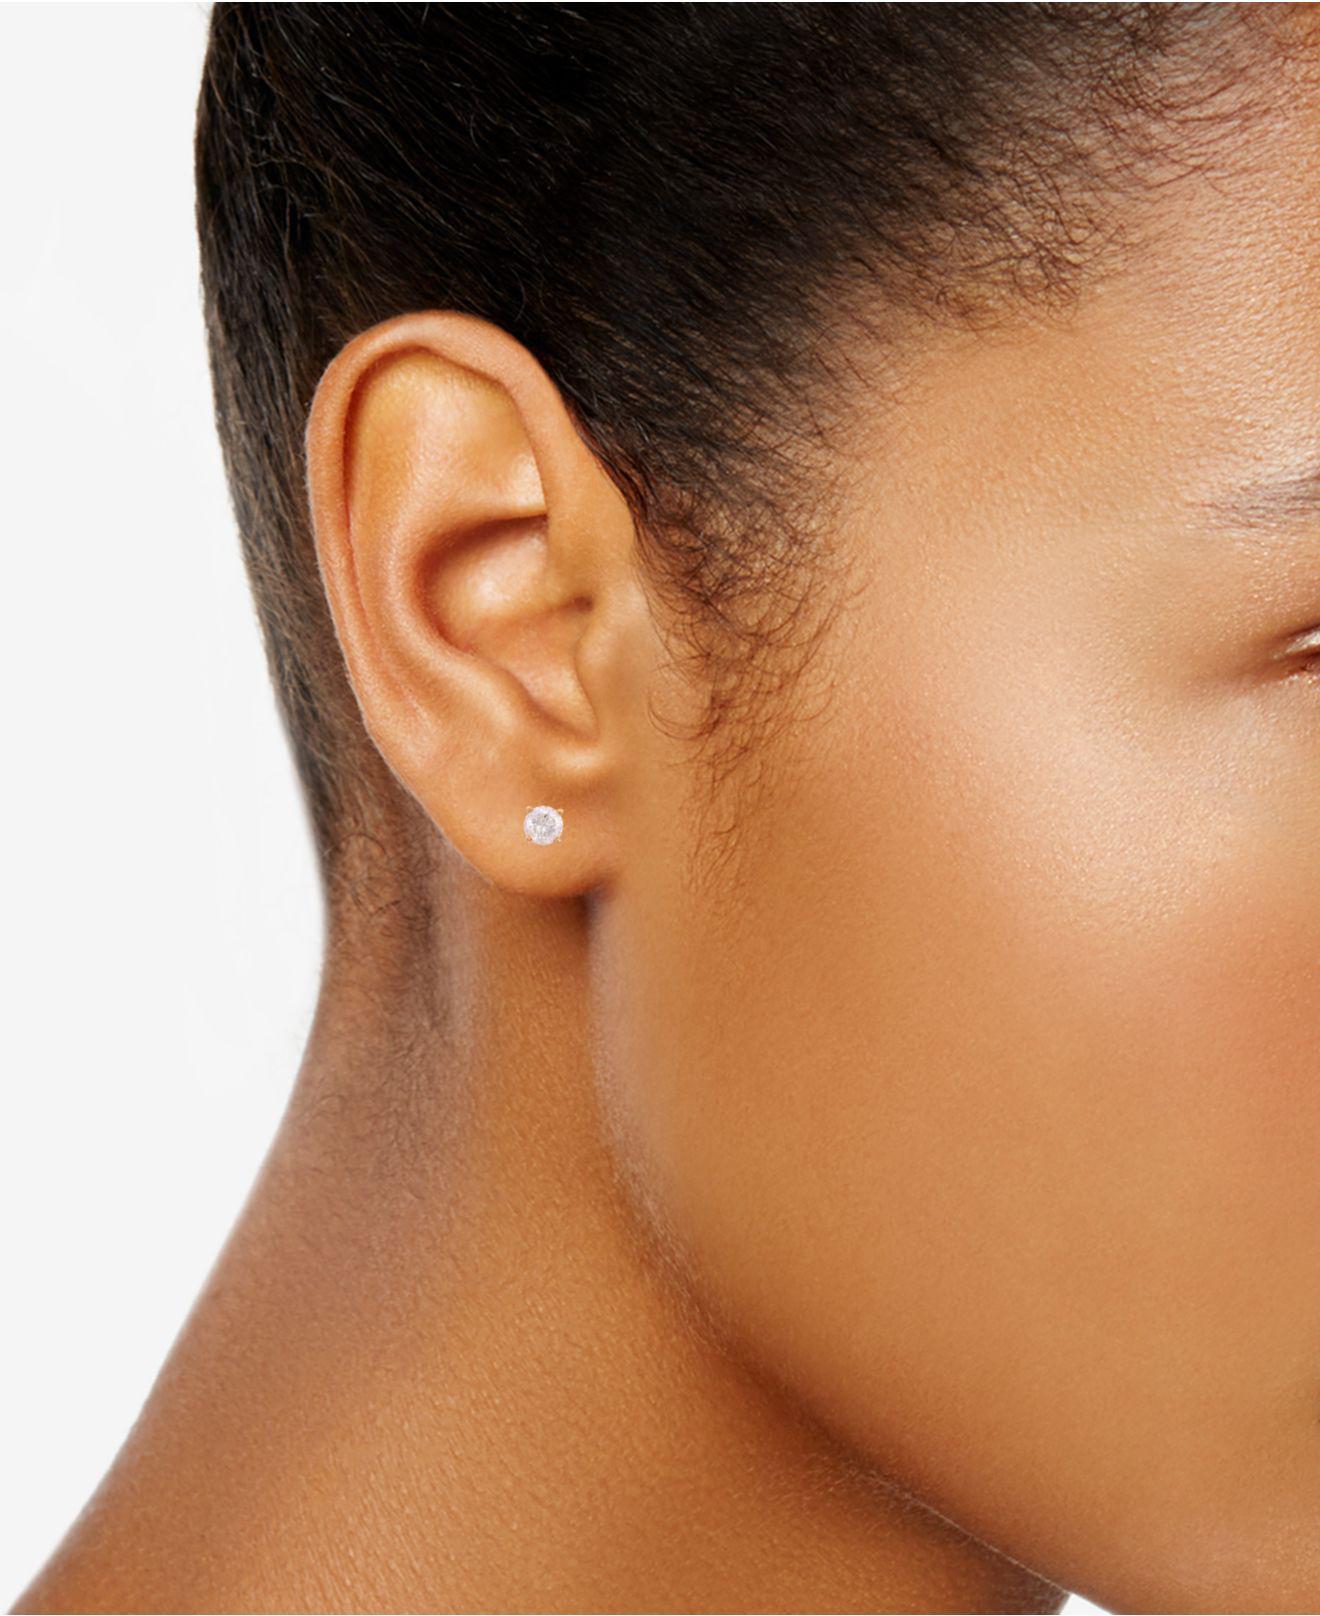 Lyst Macy S Diamond Stud Earrings 1 2 Ct T W In 14k Gold Or White Metallic